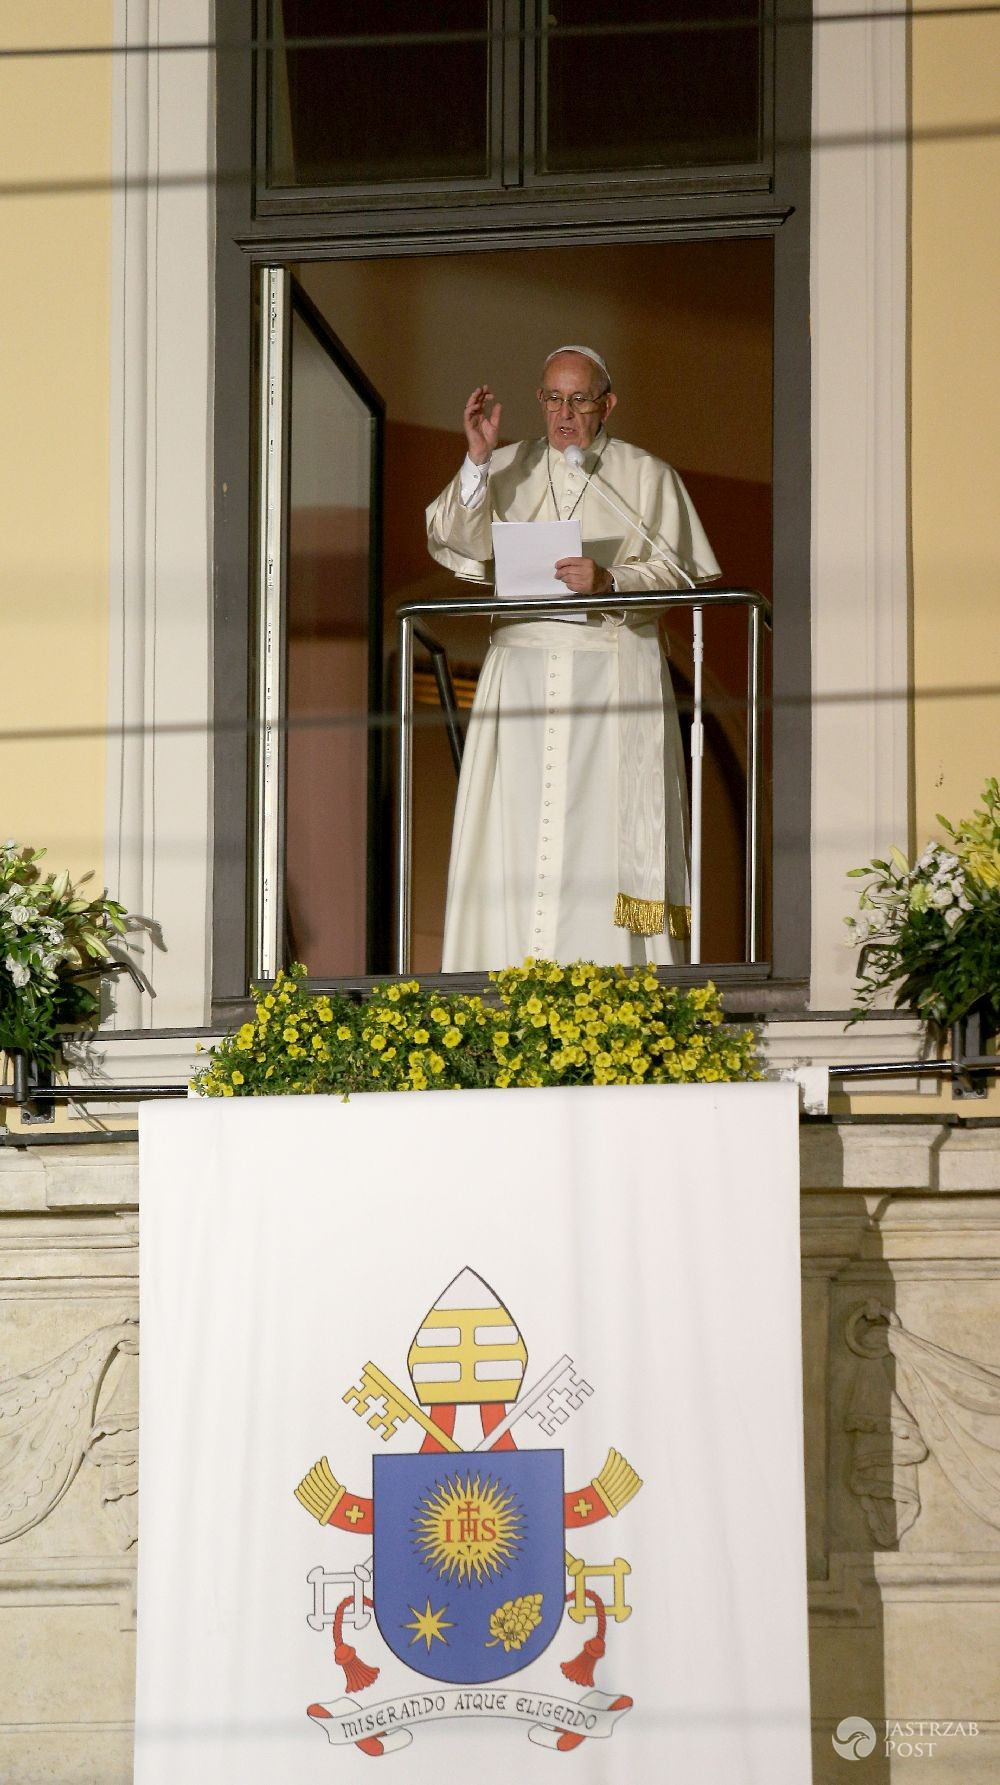 Papież Franciszek uczy się polskiego. Wideo